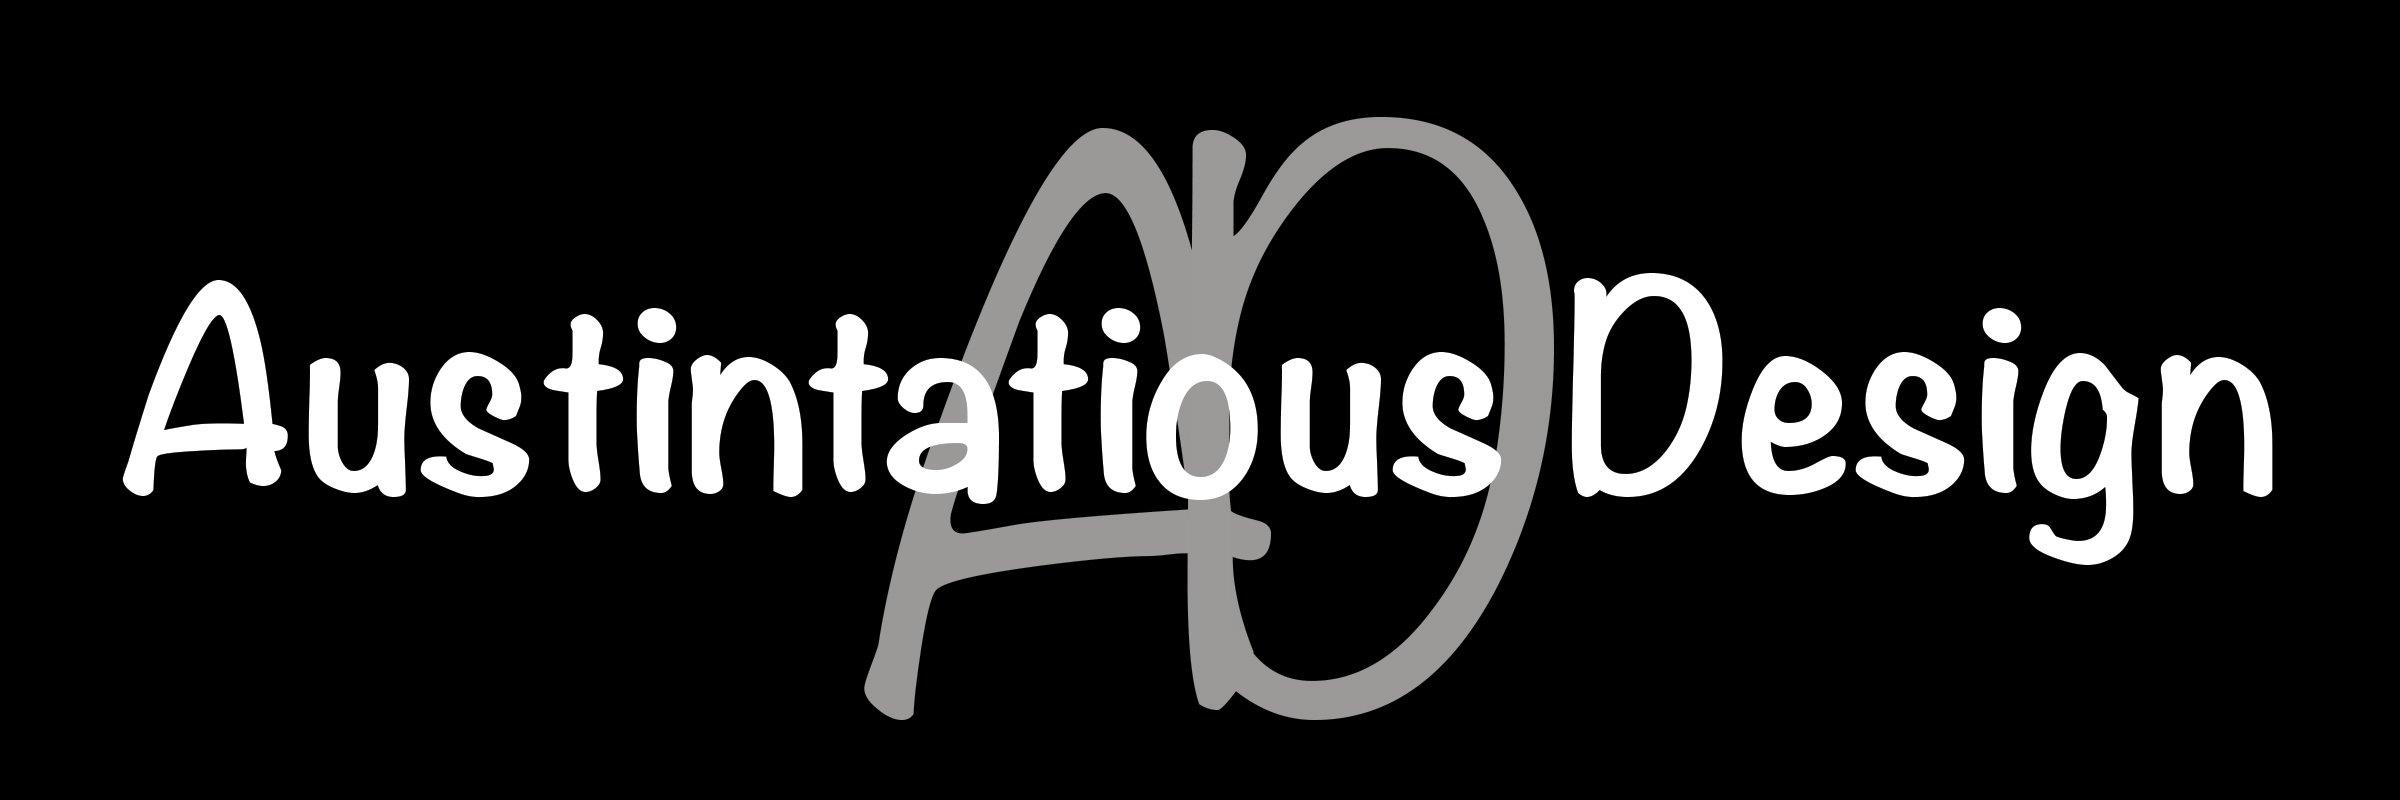 austintatious-design-white-on-black-logo